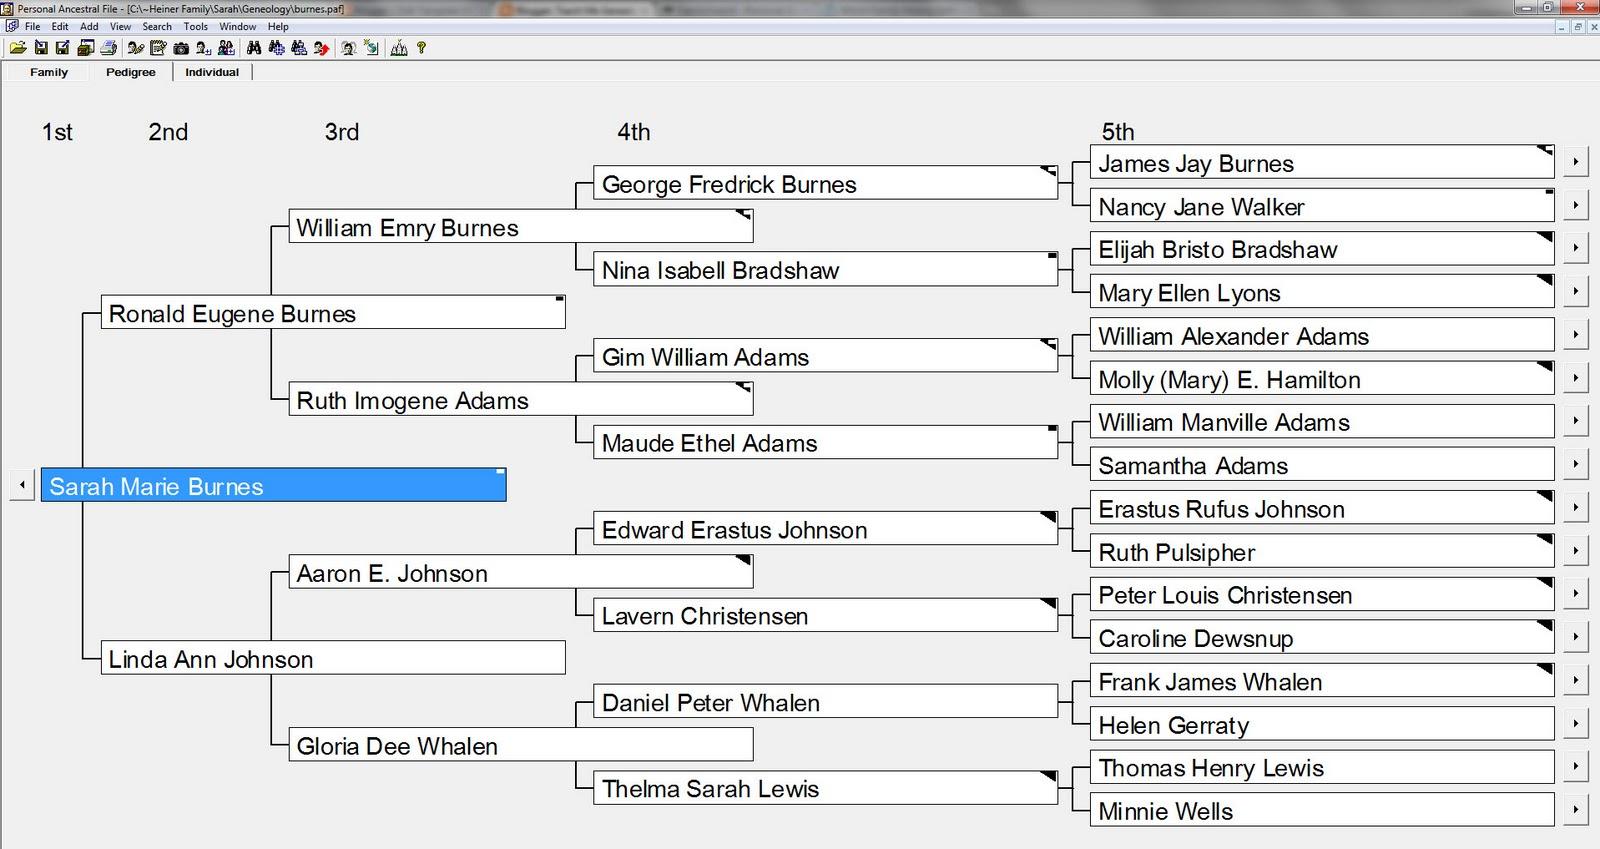 January Teach Me Genealogy